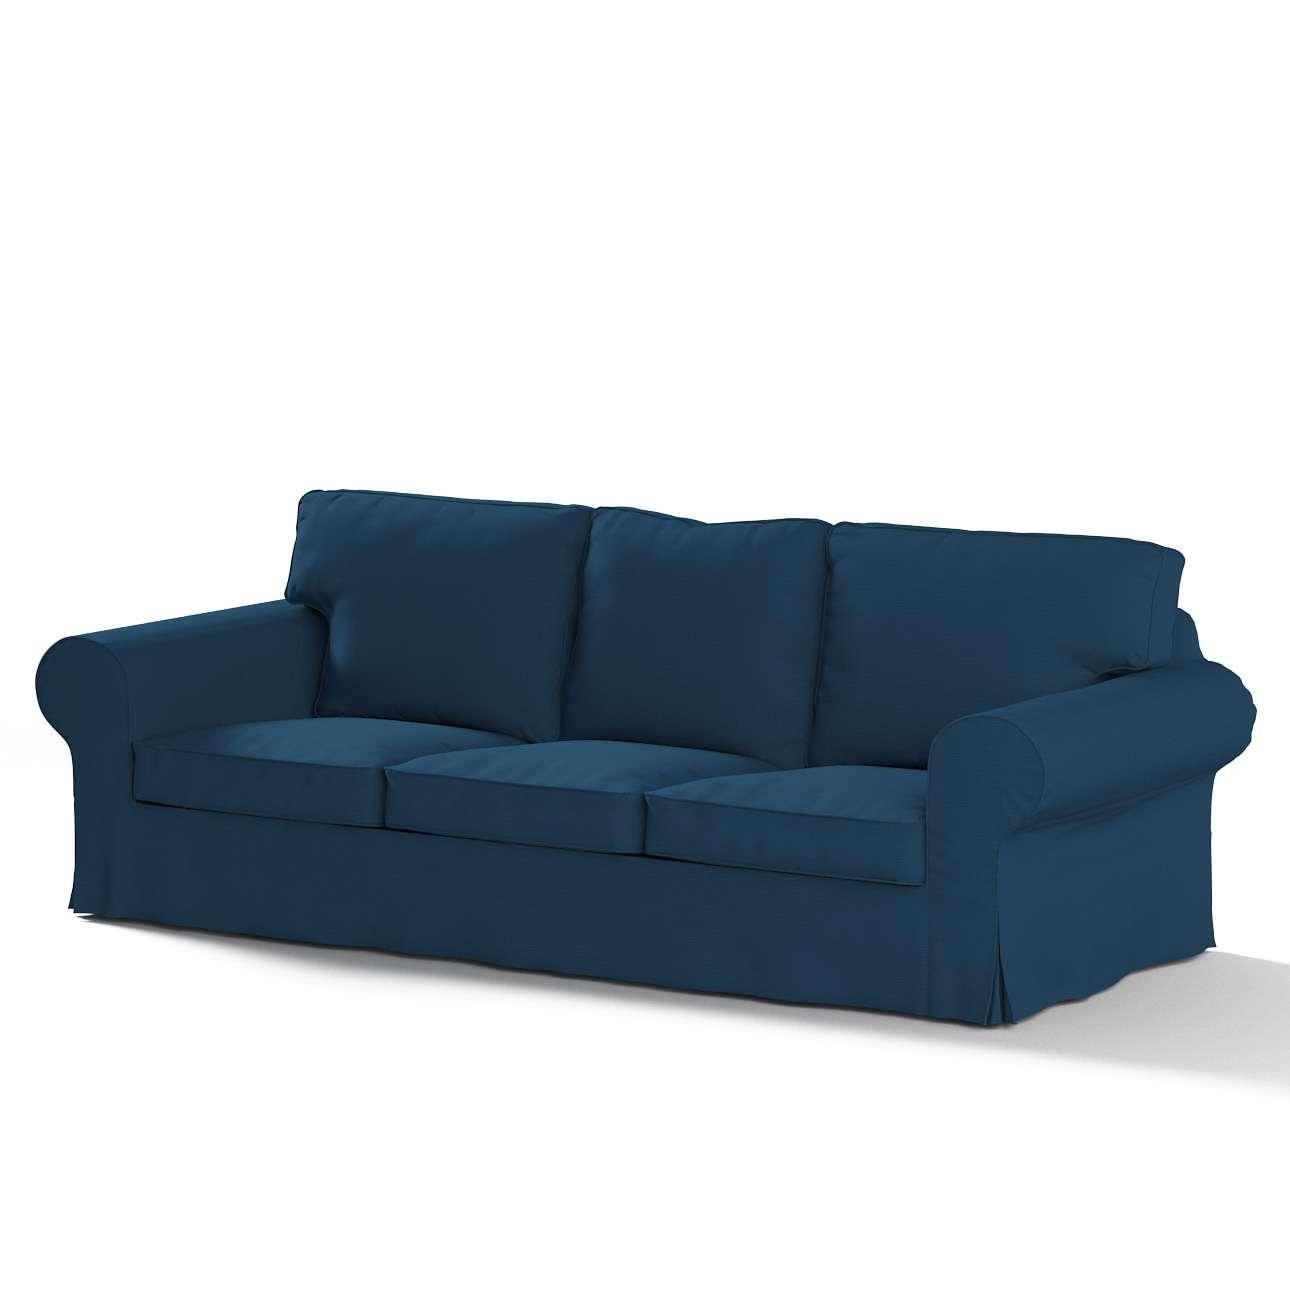 Pokrowiec na sofę Ektorp 3-osobową, rozkładaną NOWY MODEL 2013 Ektorp 3-os rozkładany nowy model 2013 w kolekcji Cotton Panama, tkanina: 702-30